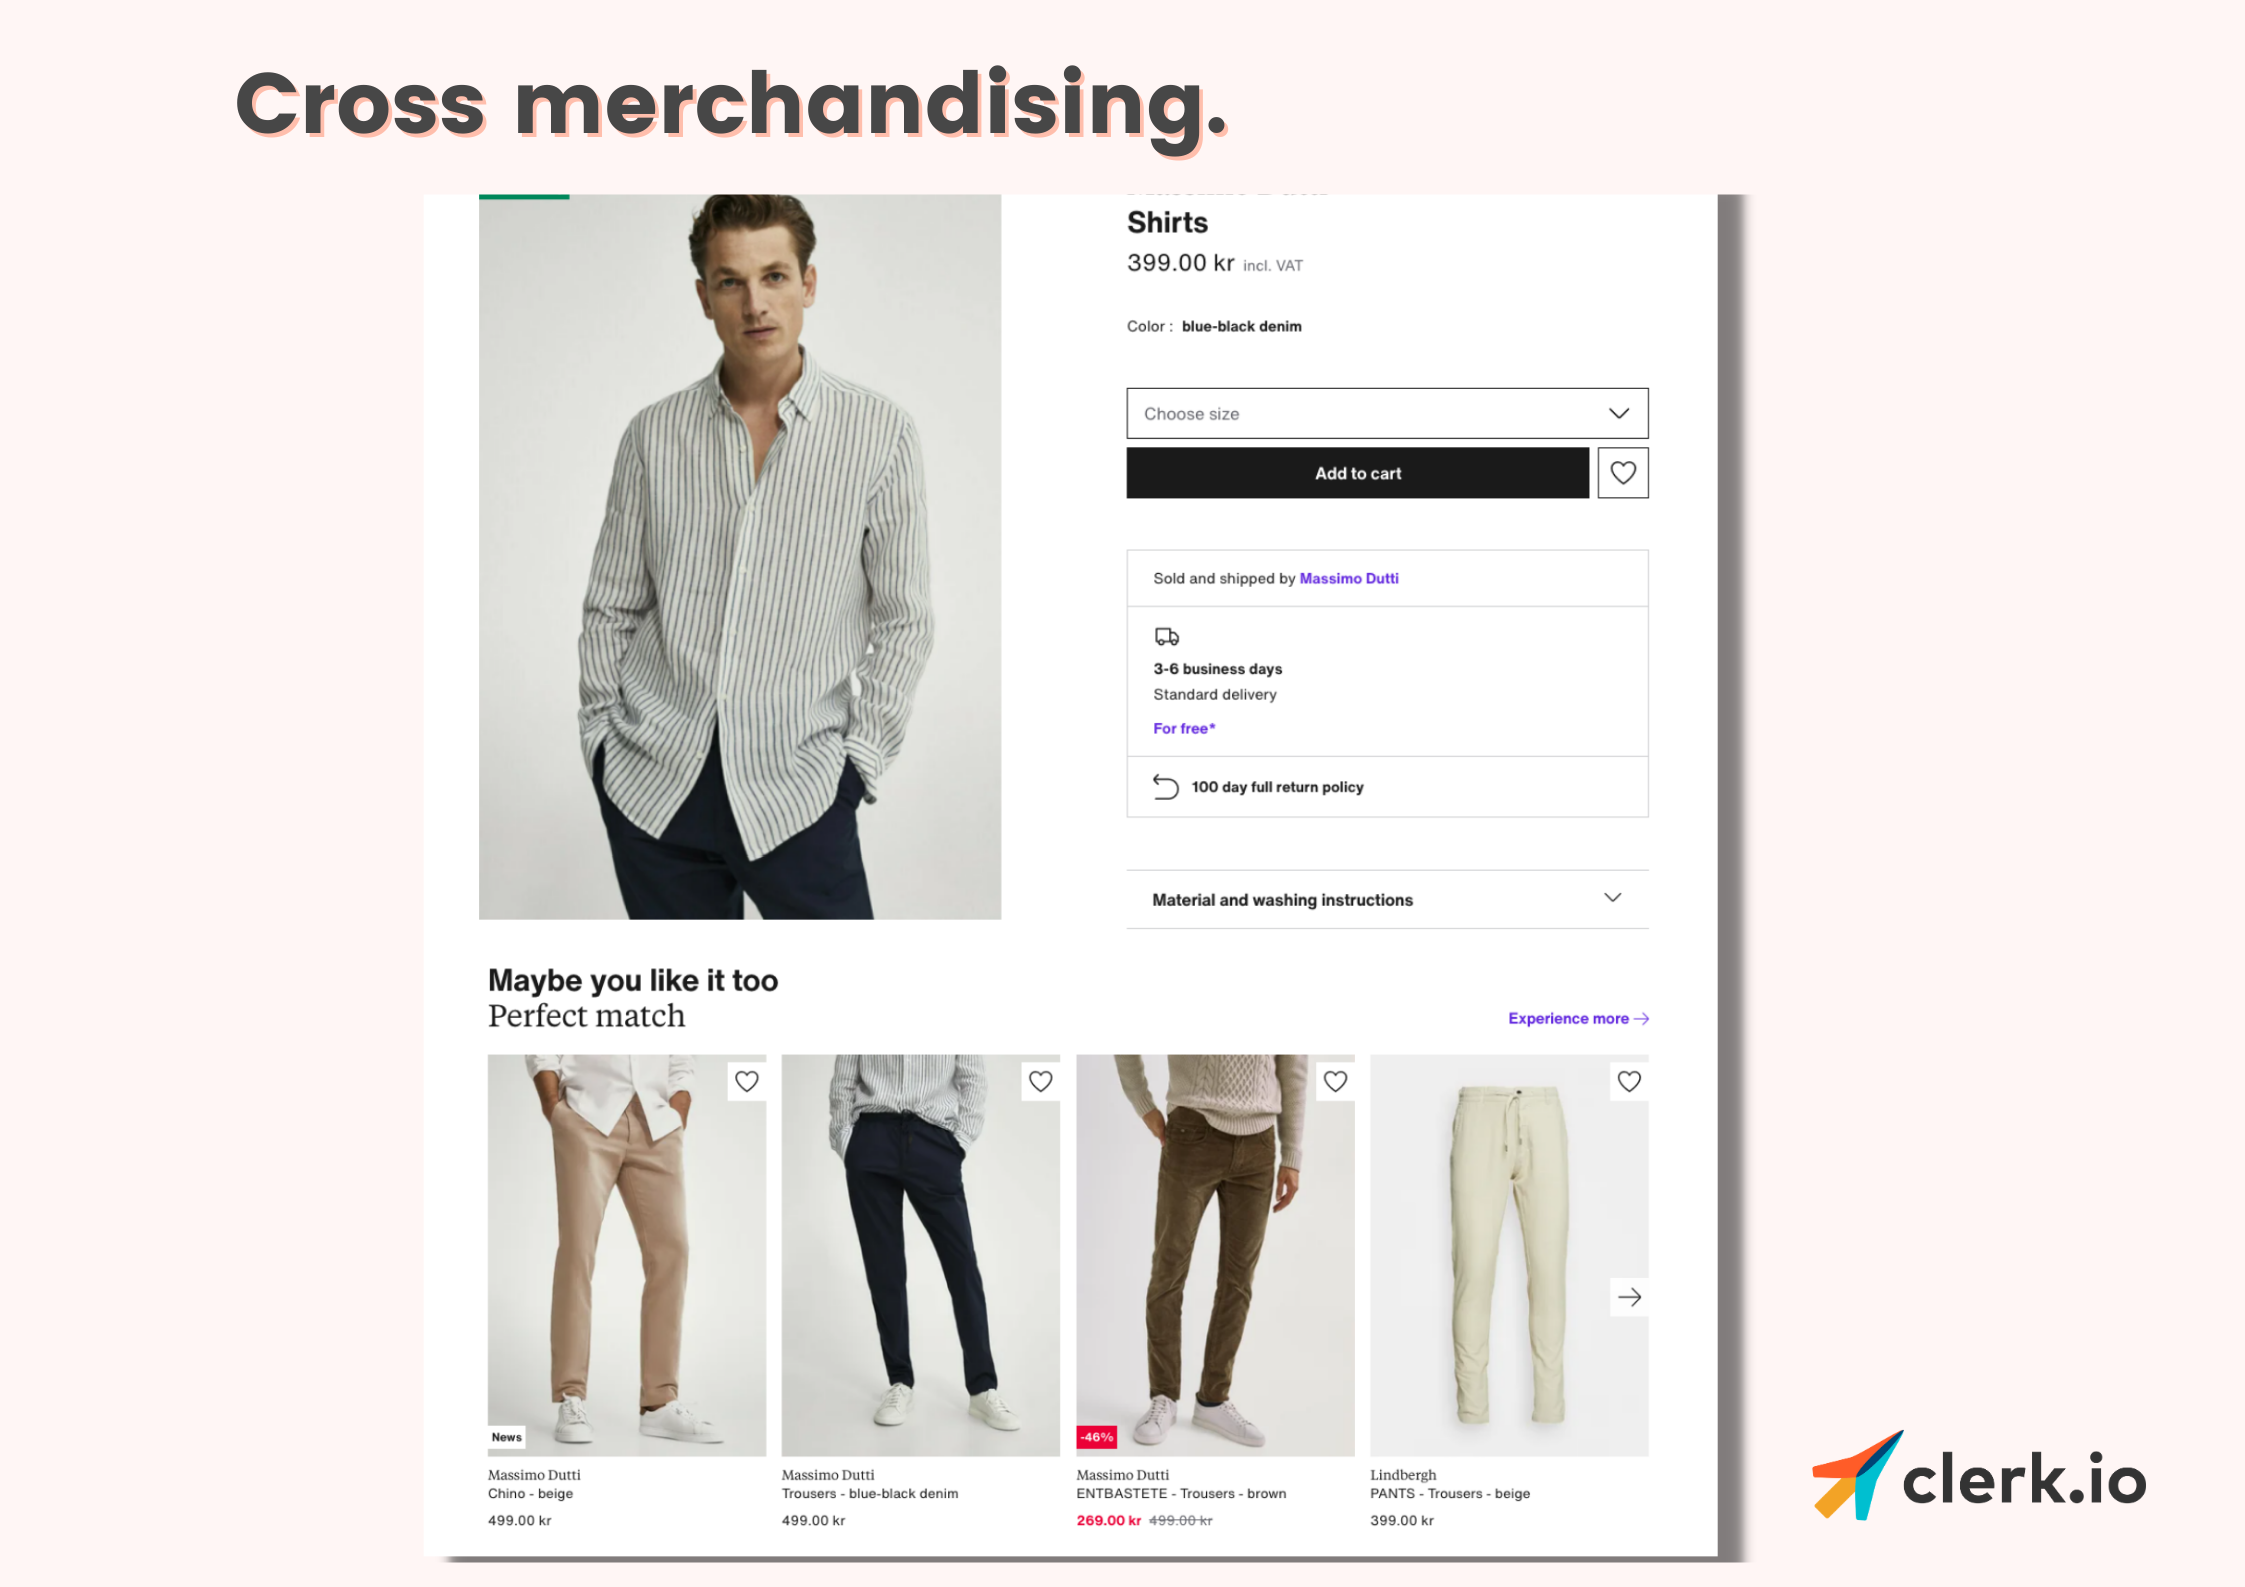 cross merchandising